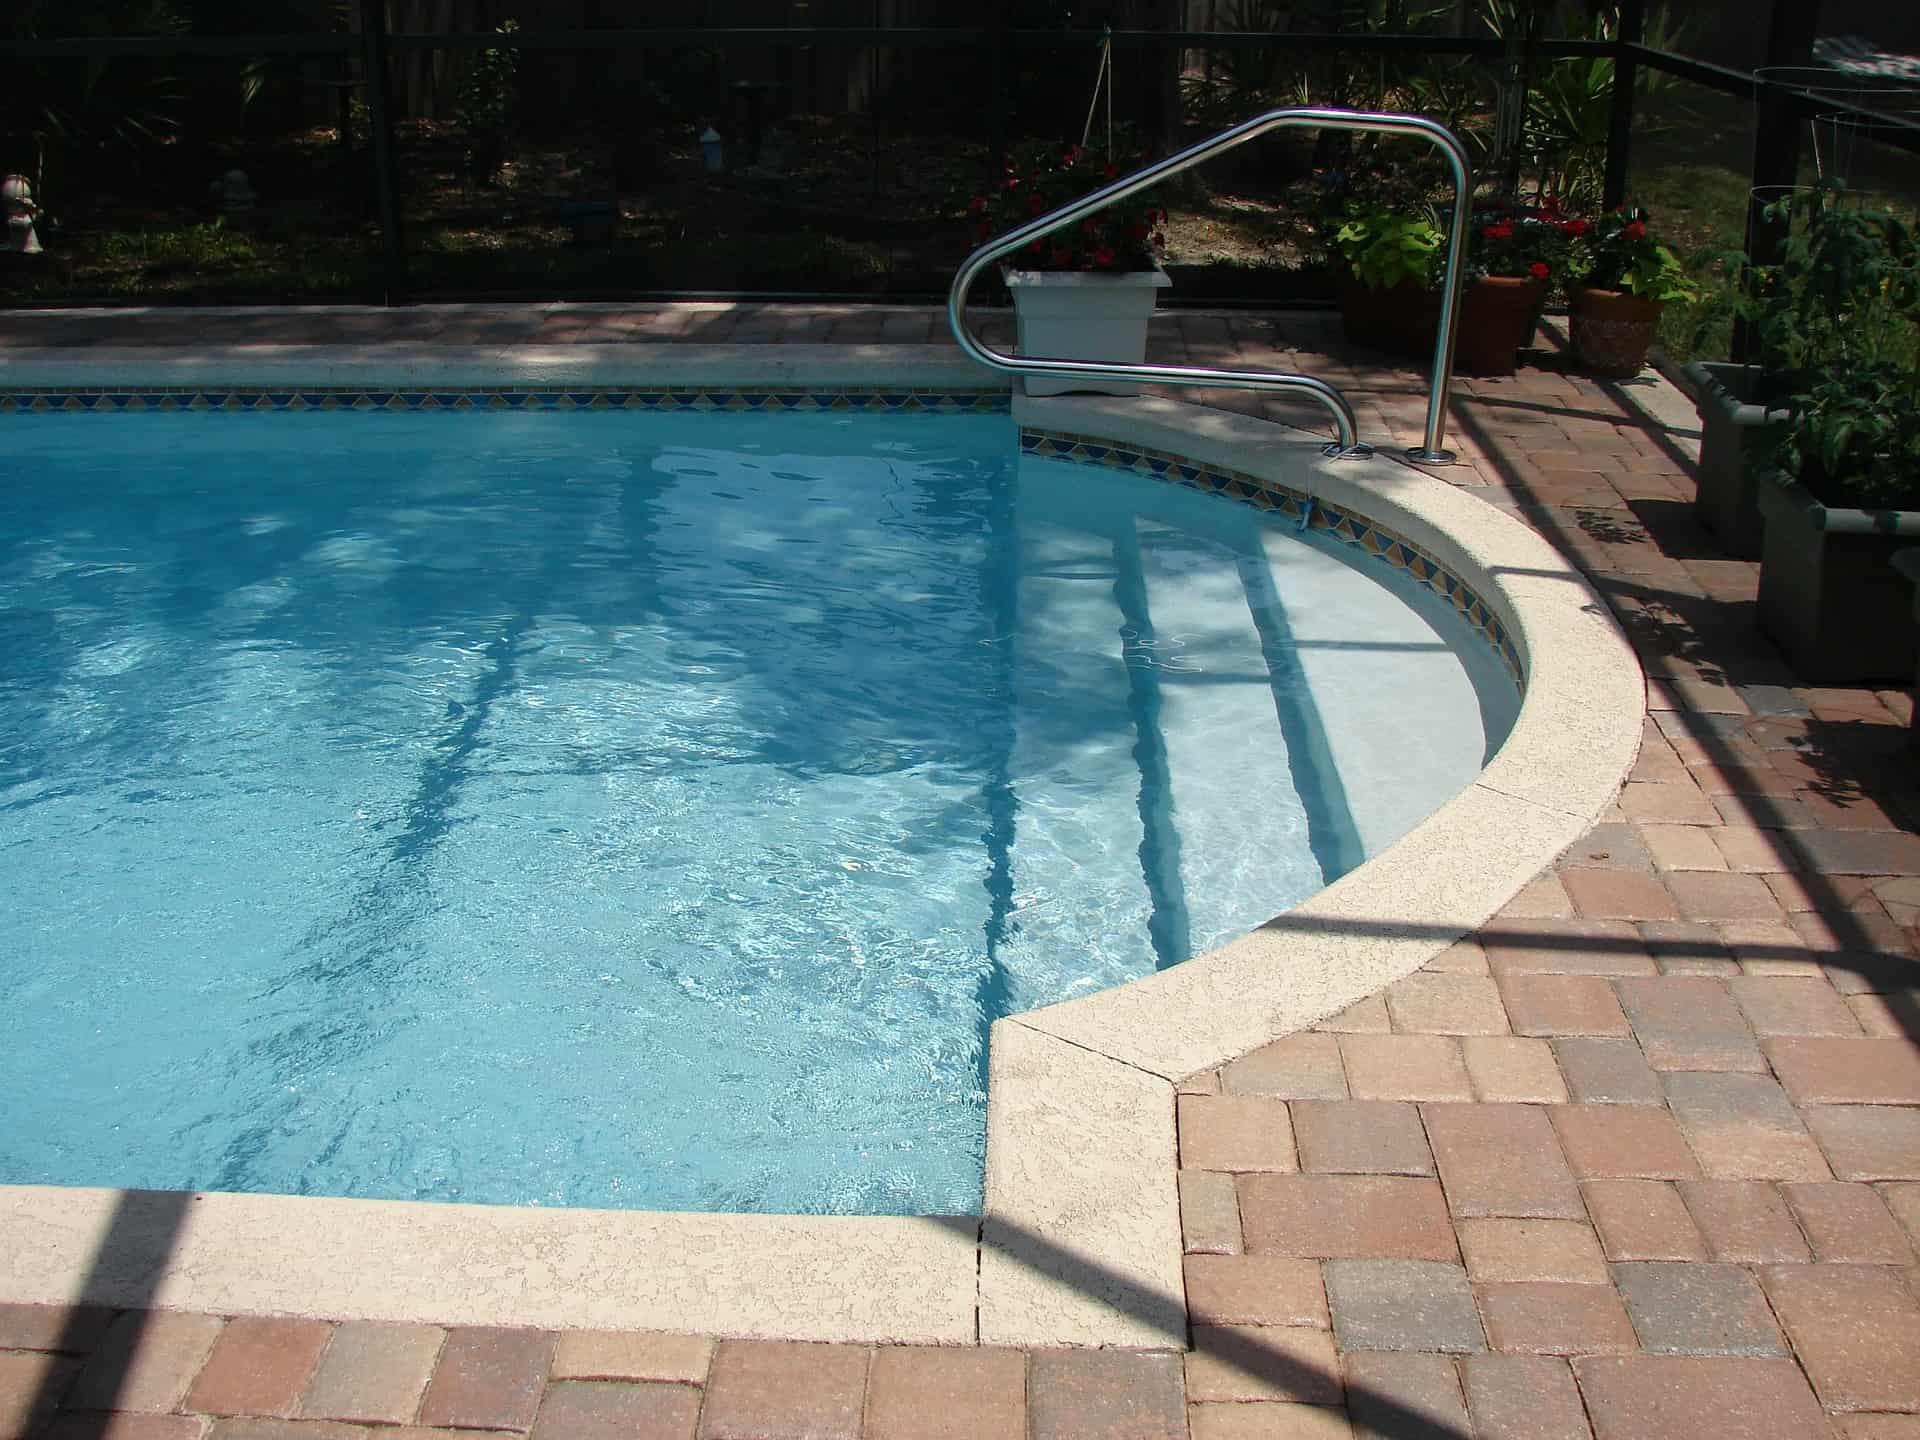 Poolfilter / Schwimmbad Filter für einen sauberen Pool